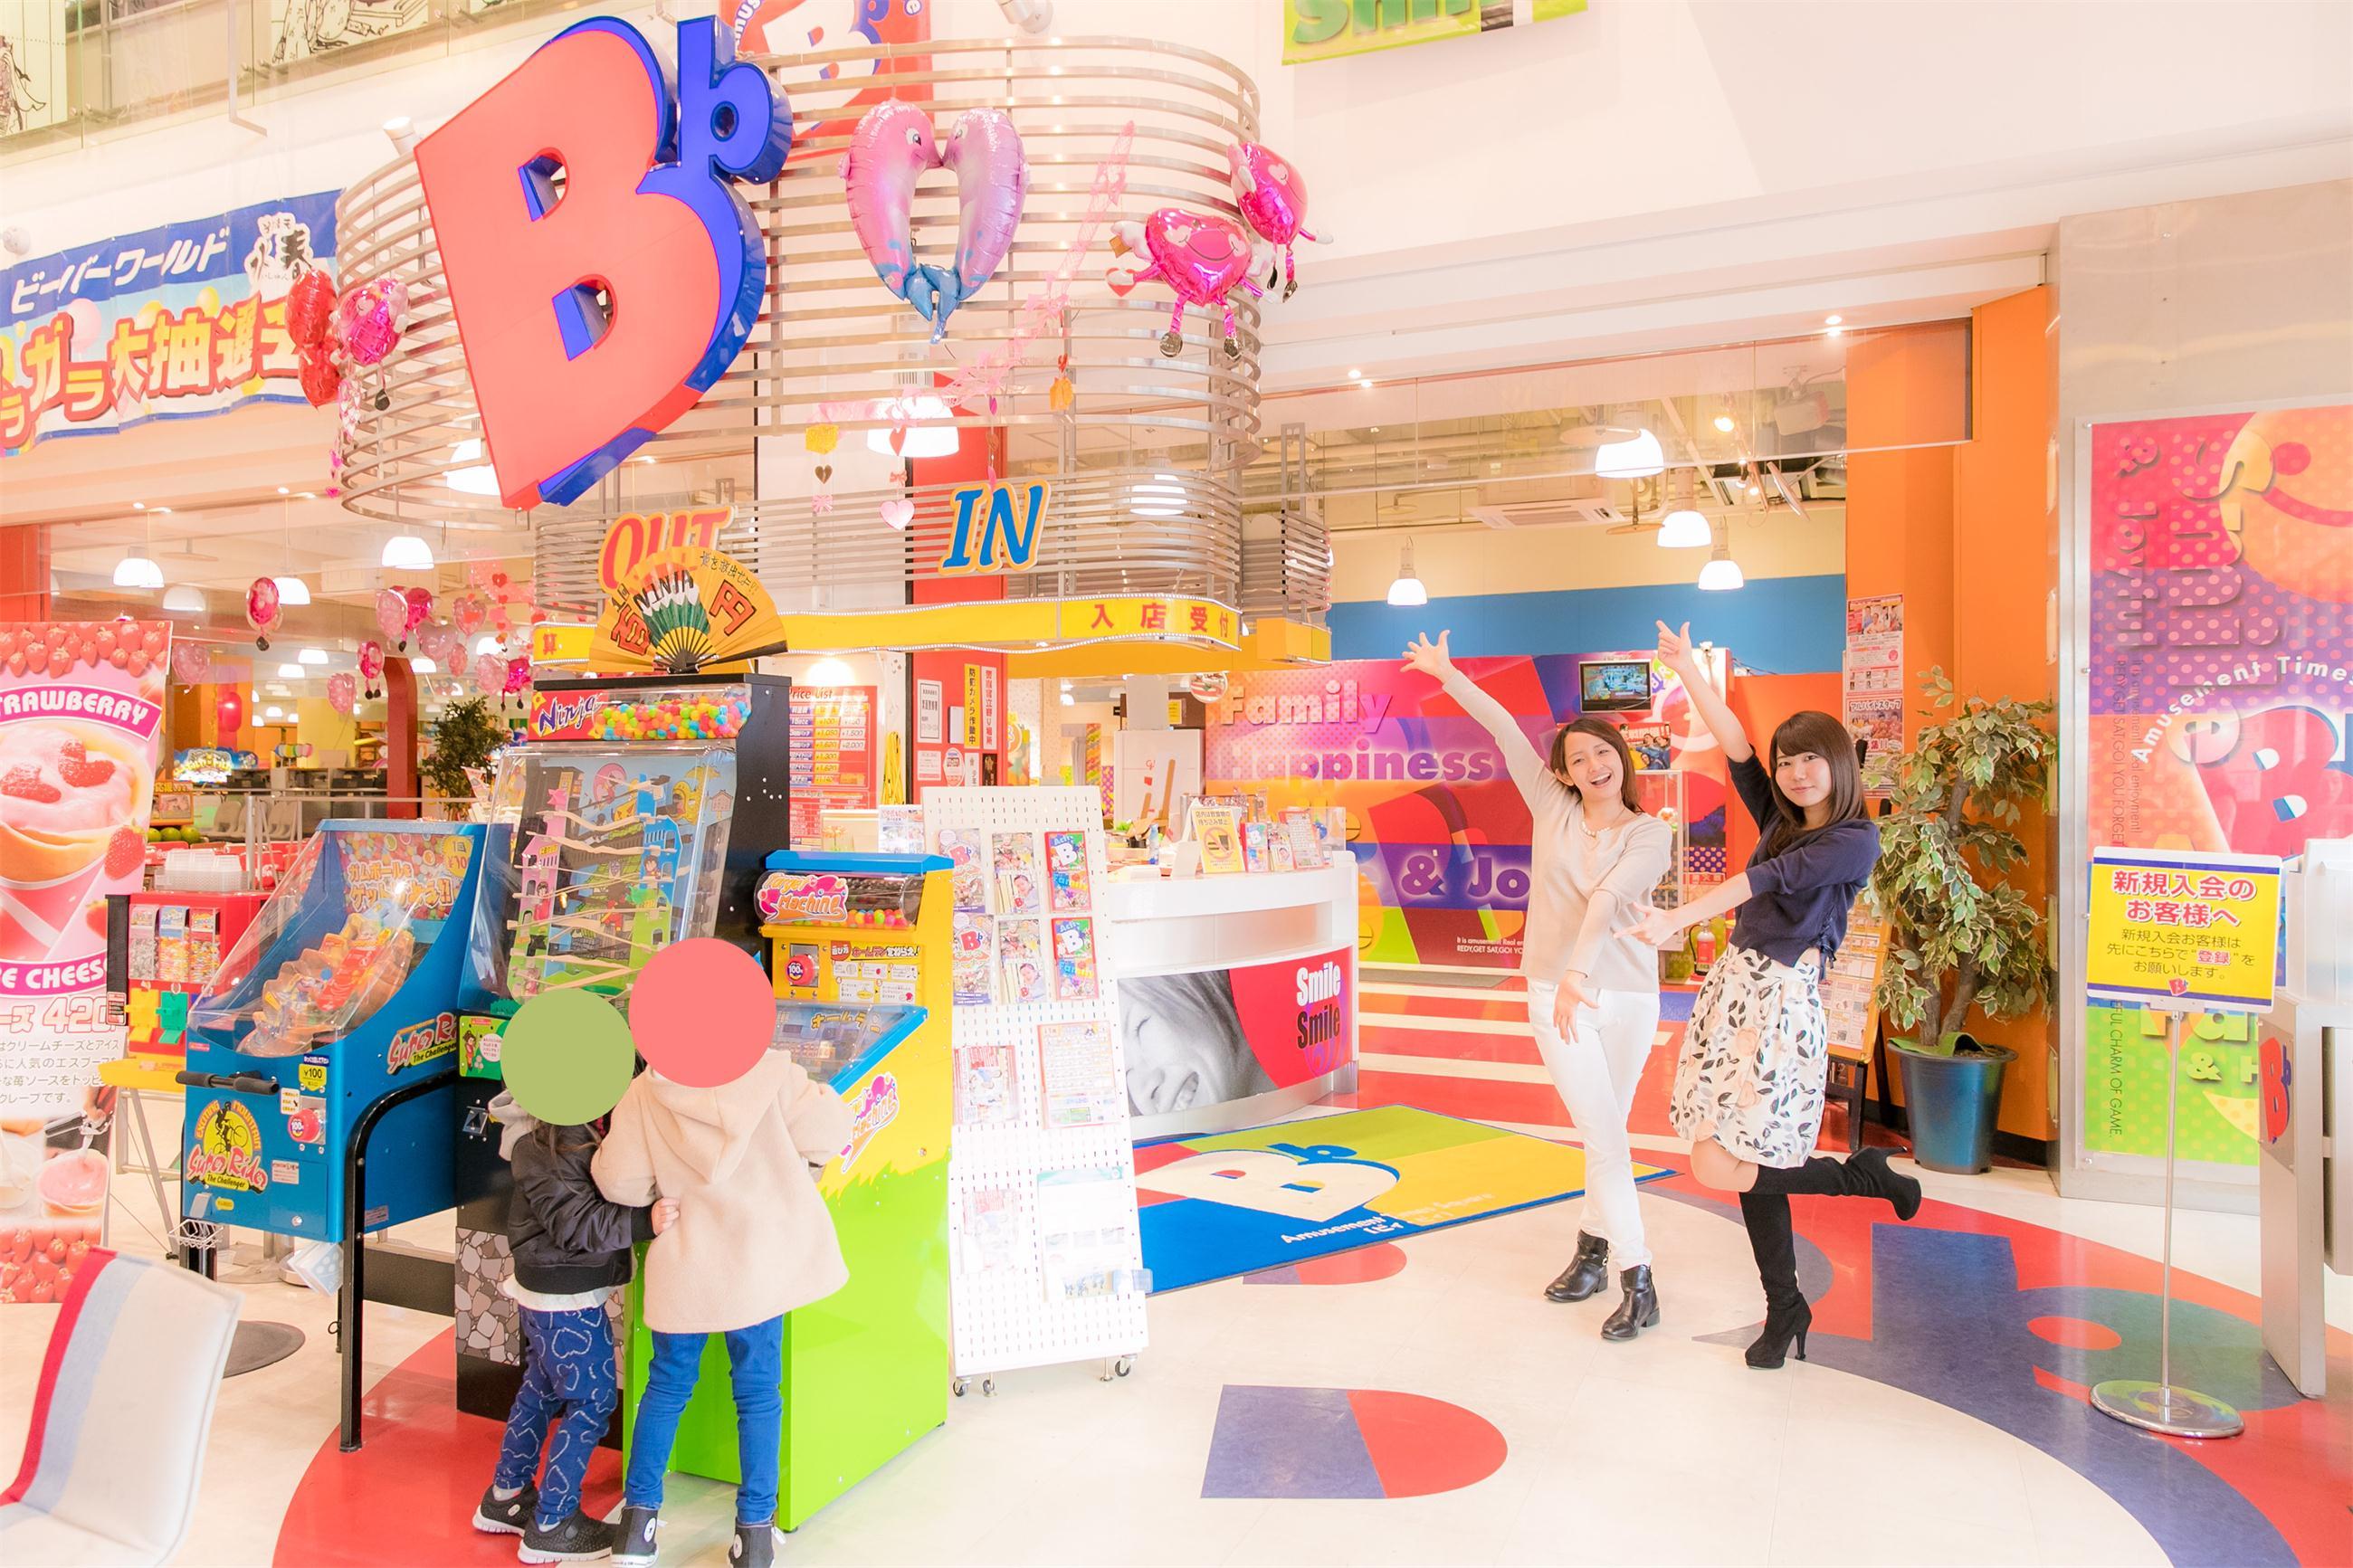 오사카 Bb 입장권